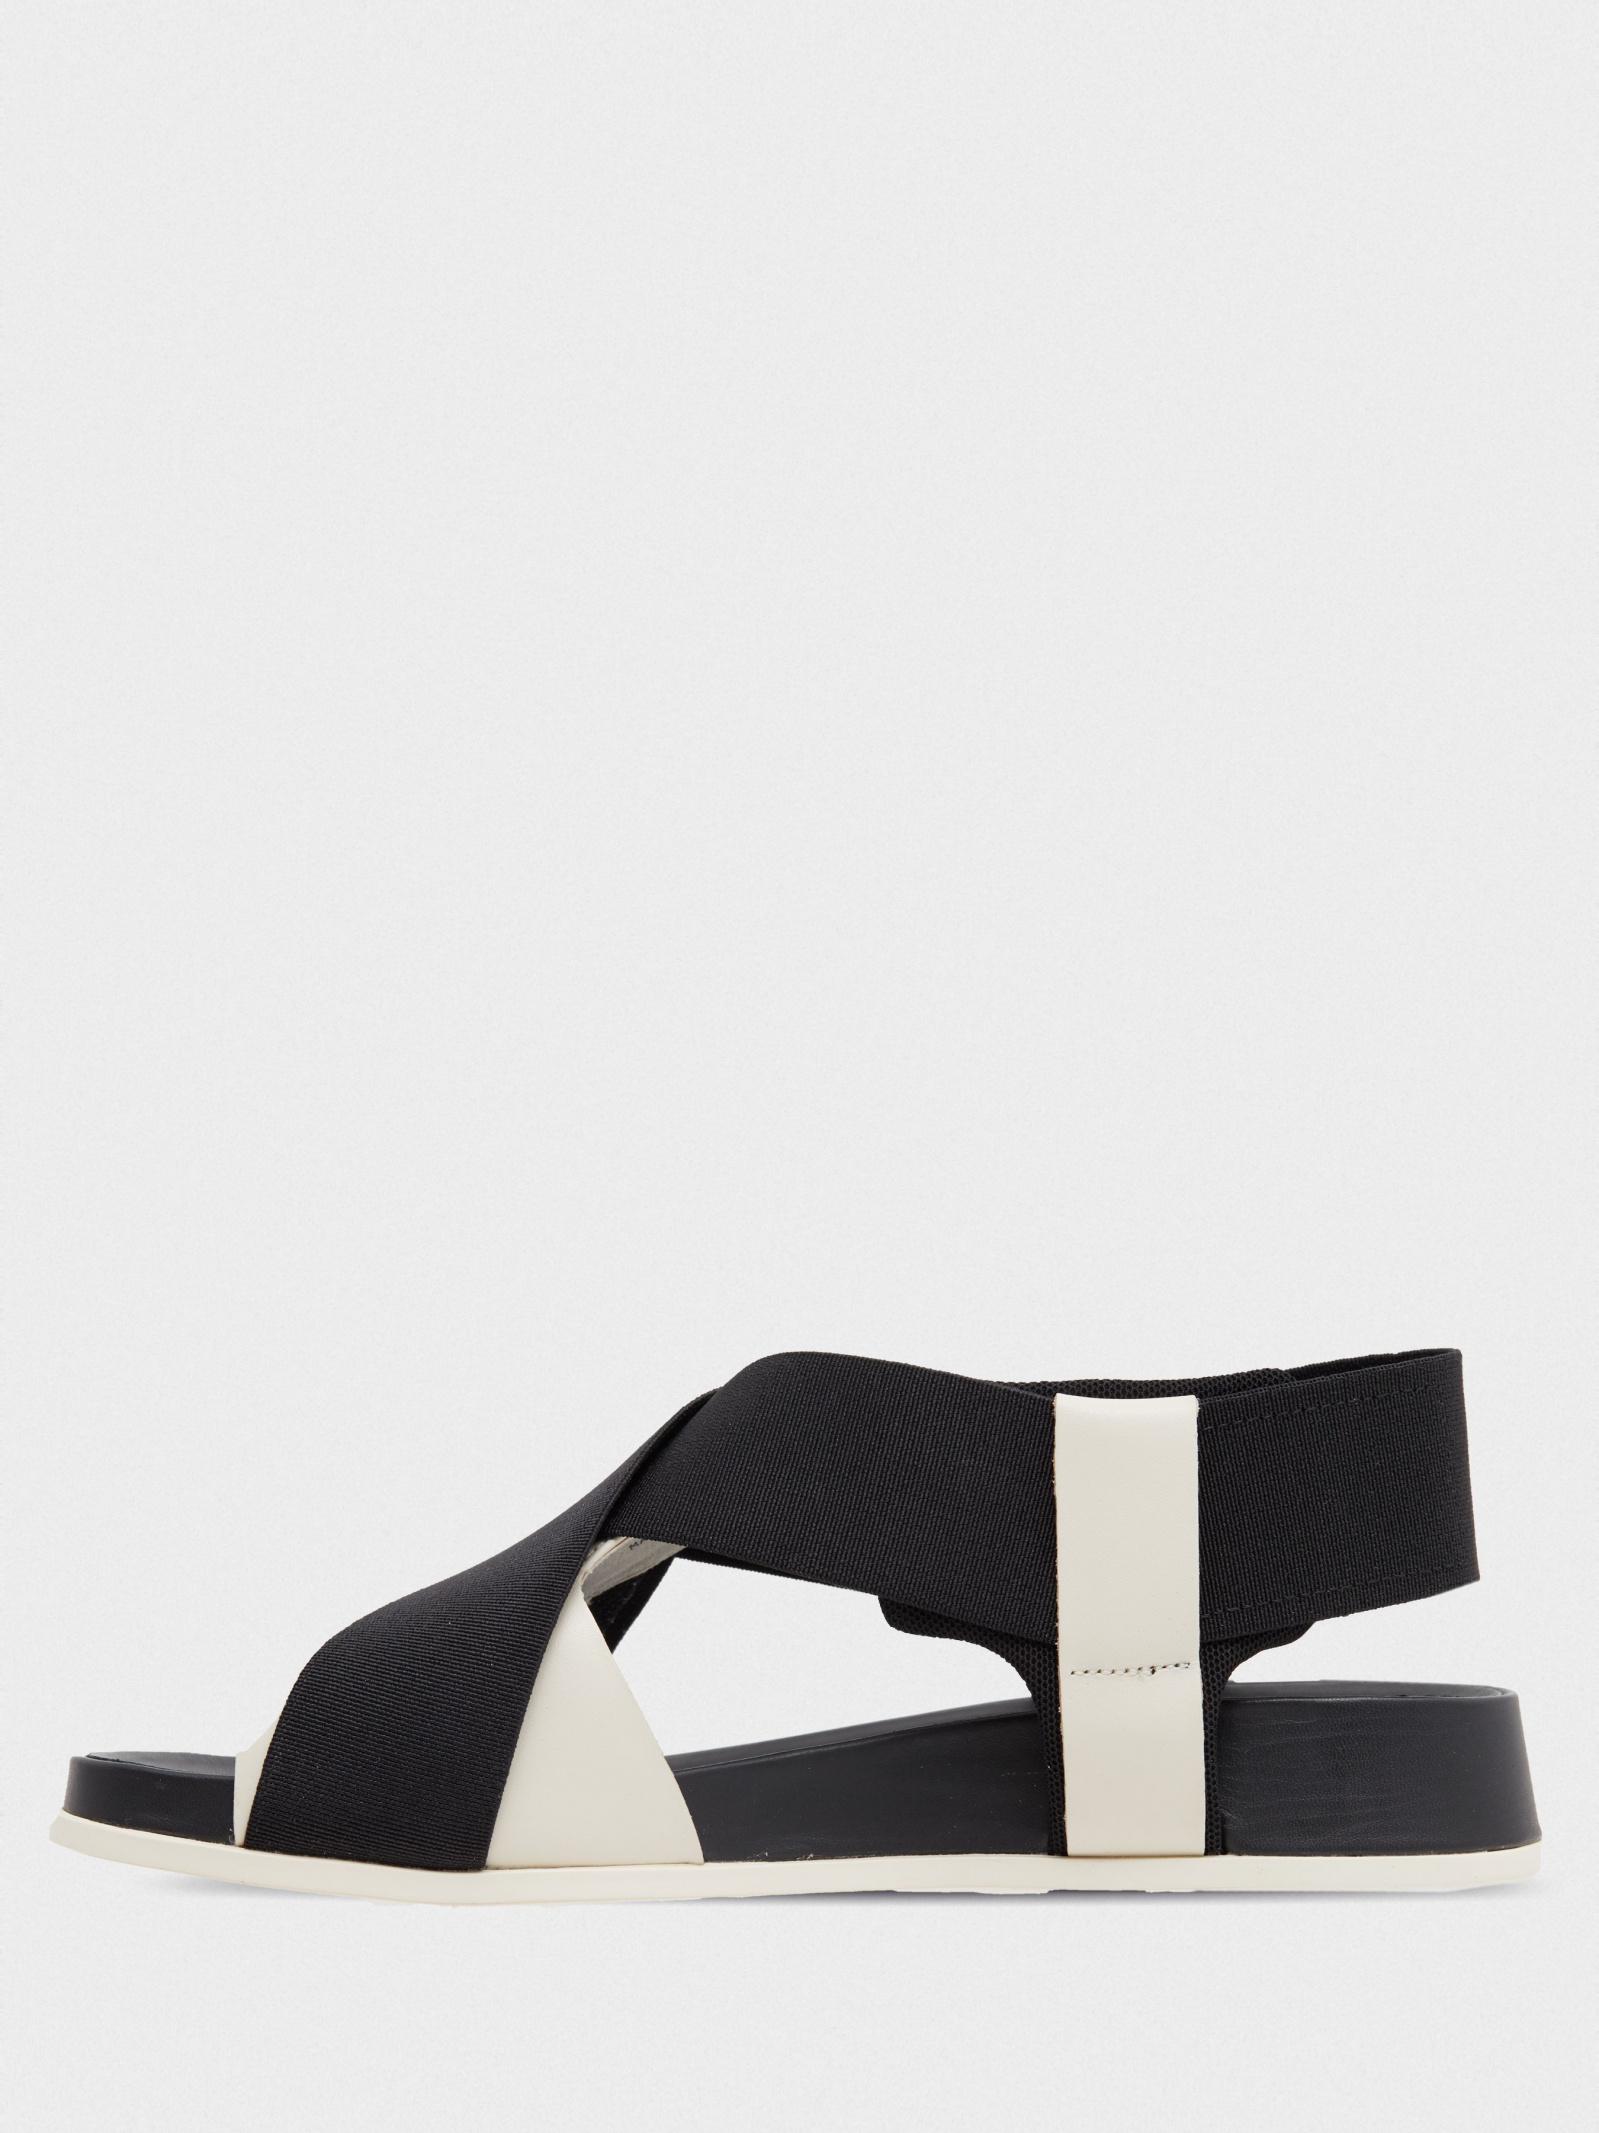 Сандалии для женщин Camper Atonik AW1076 брендовая обувь, 2017